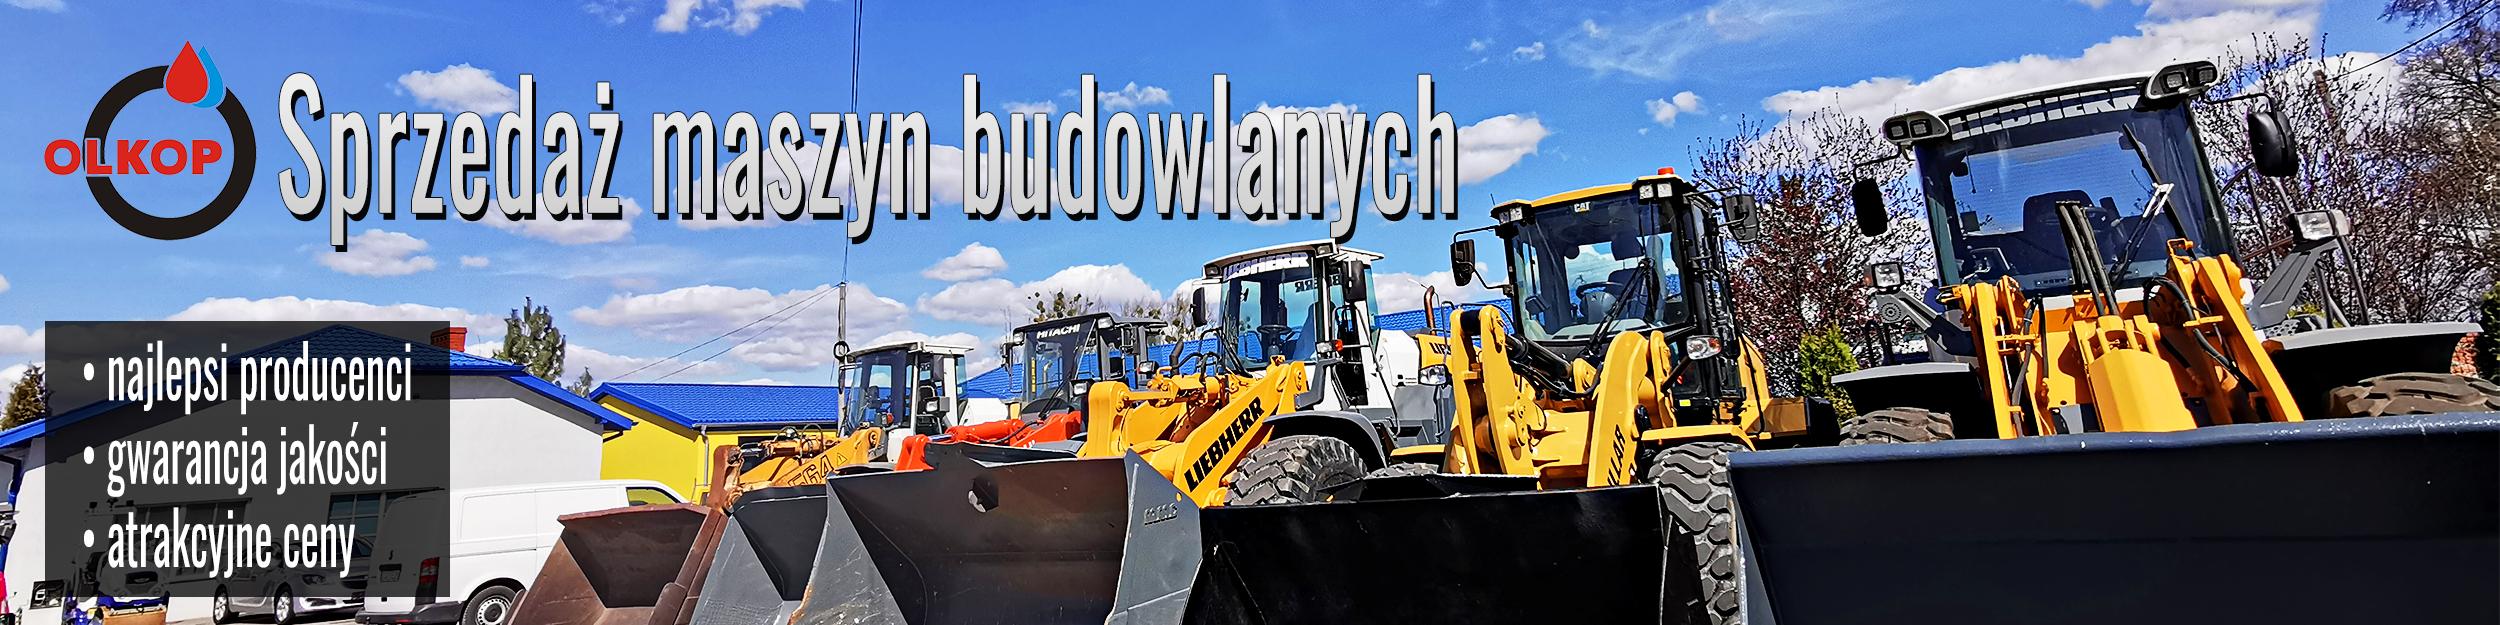 Maszyny budowlane - sprzedaż